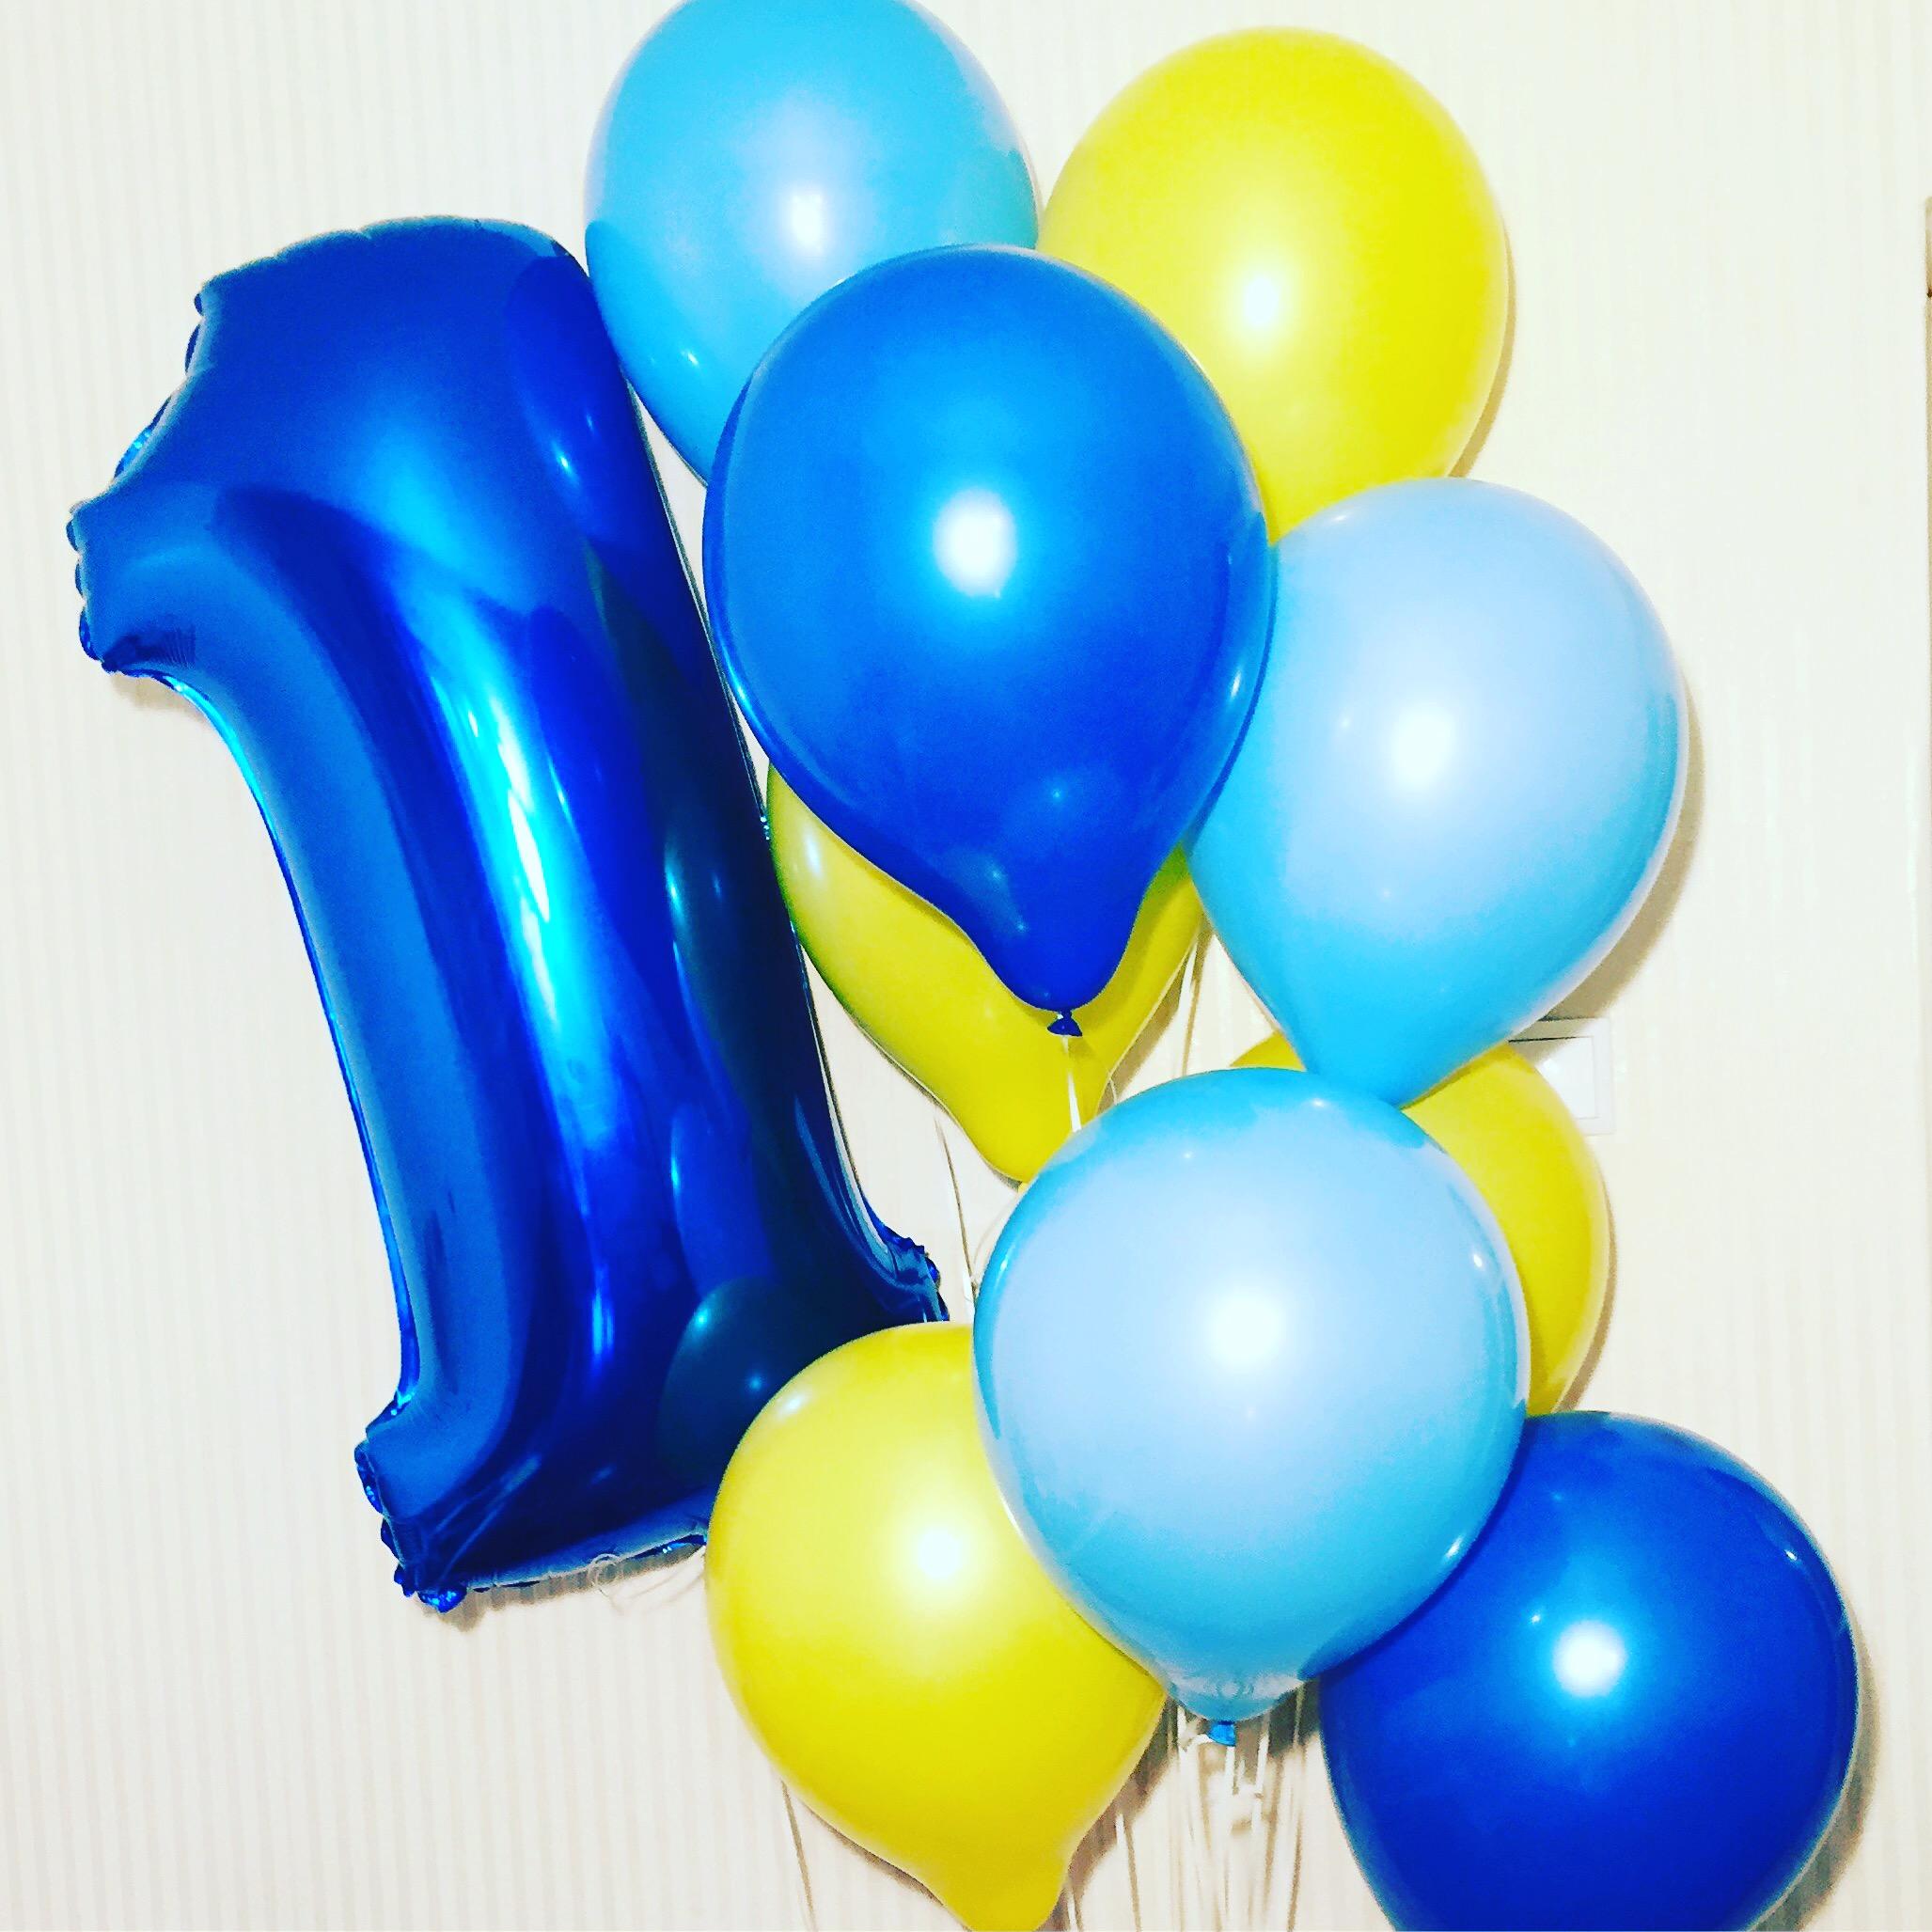 Гелиевые шары, шары фигуры, цифры от 0,40 руб/шт., праздничная полиграфия